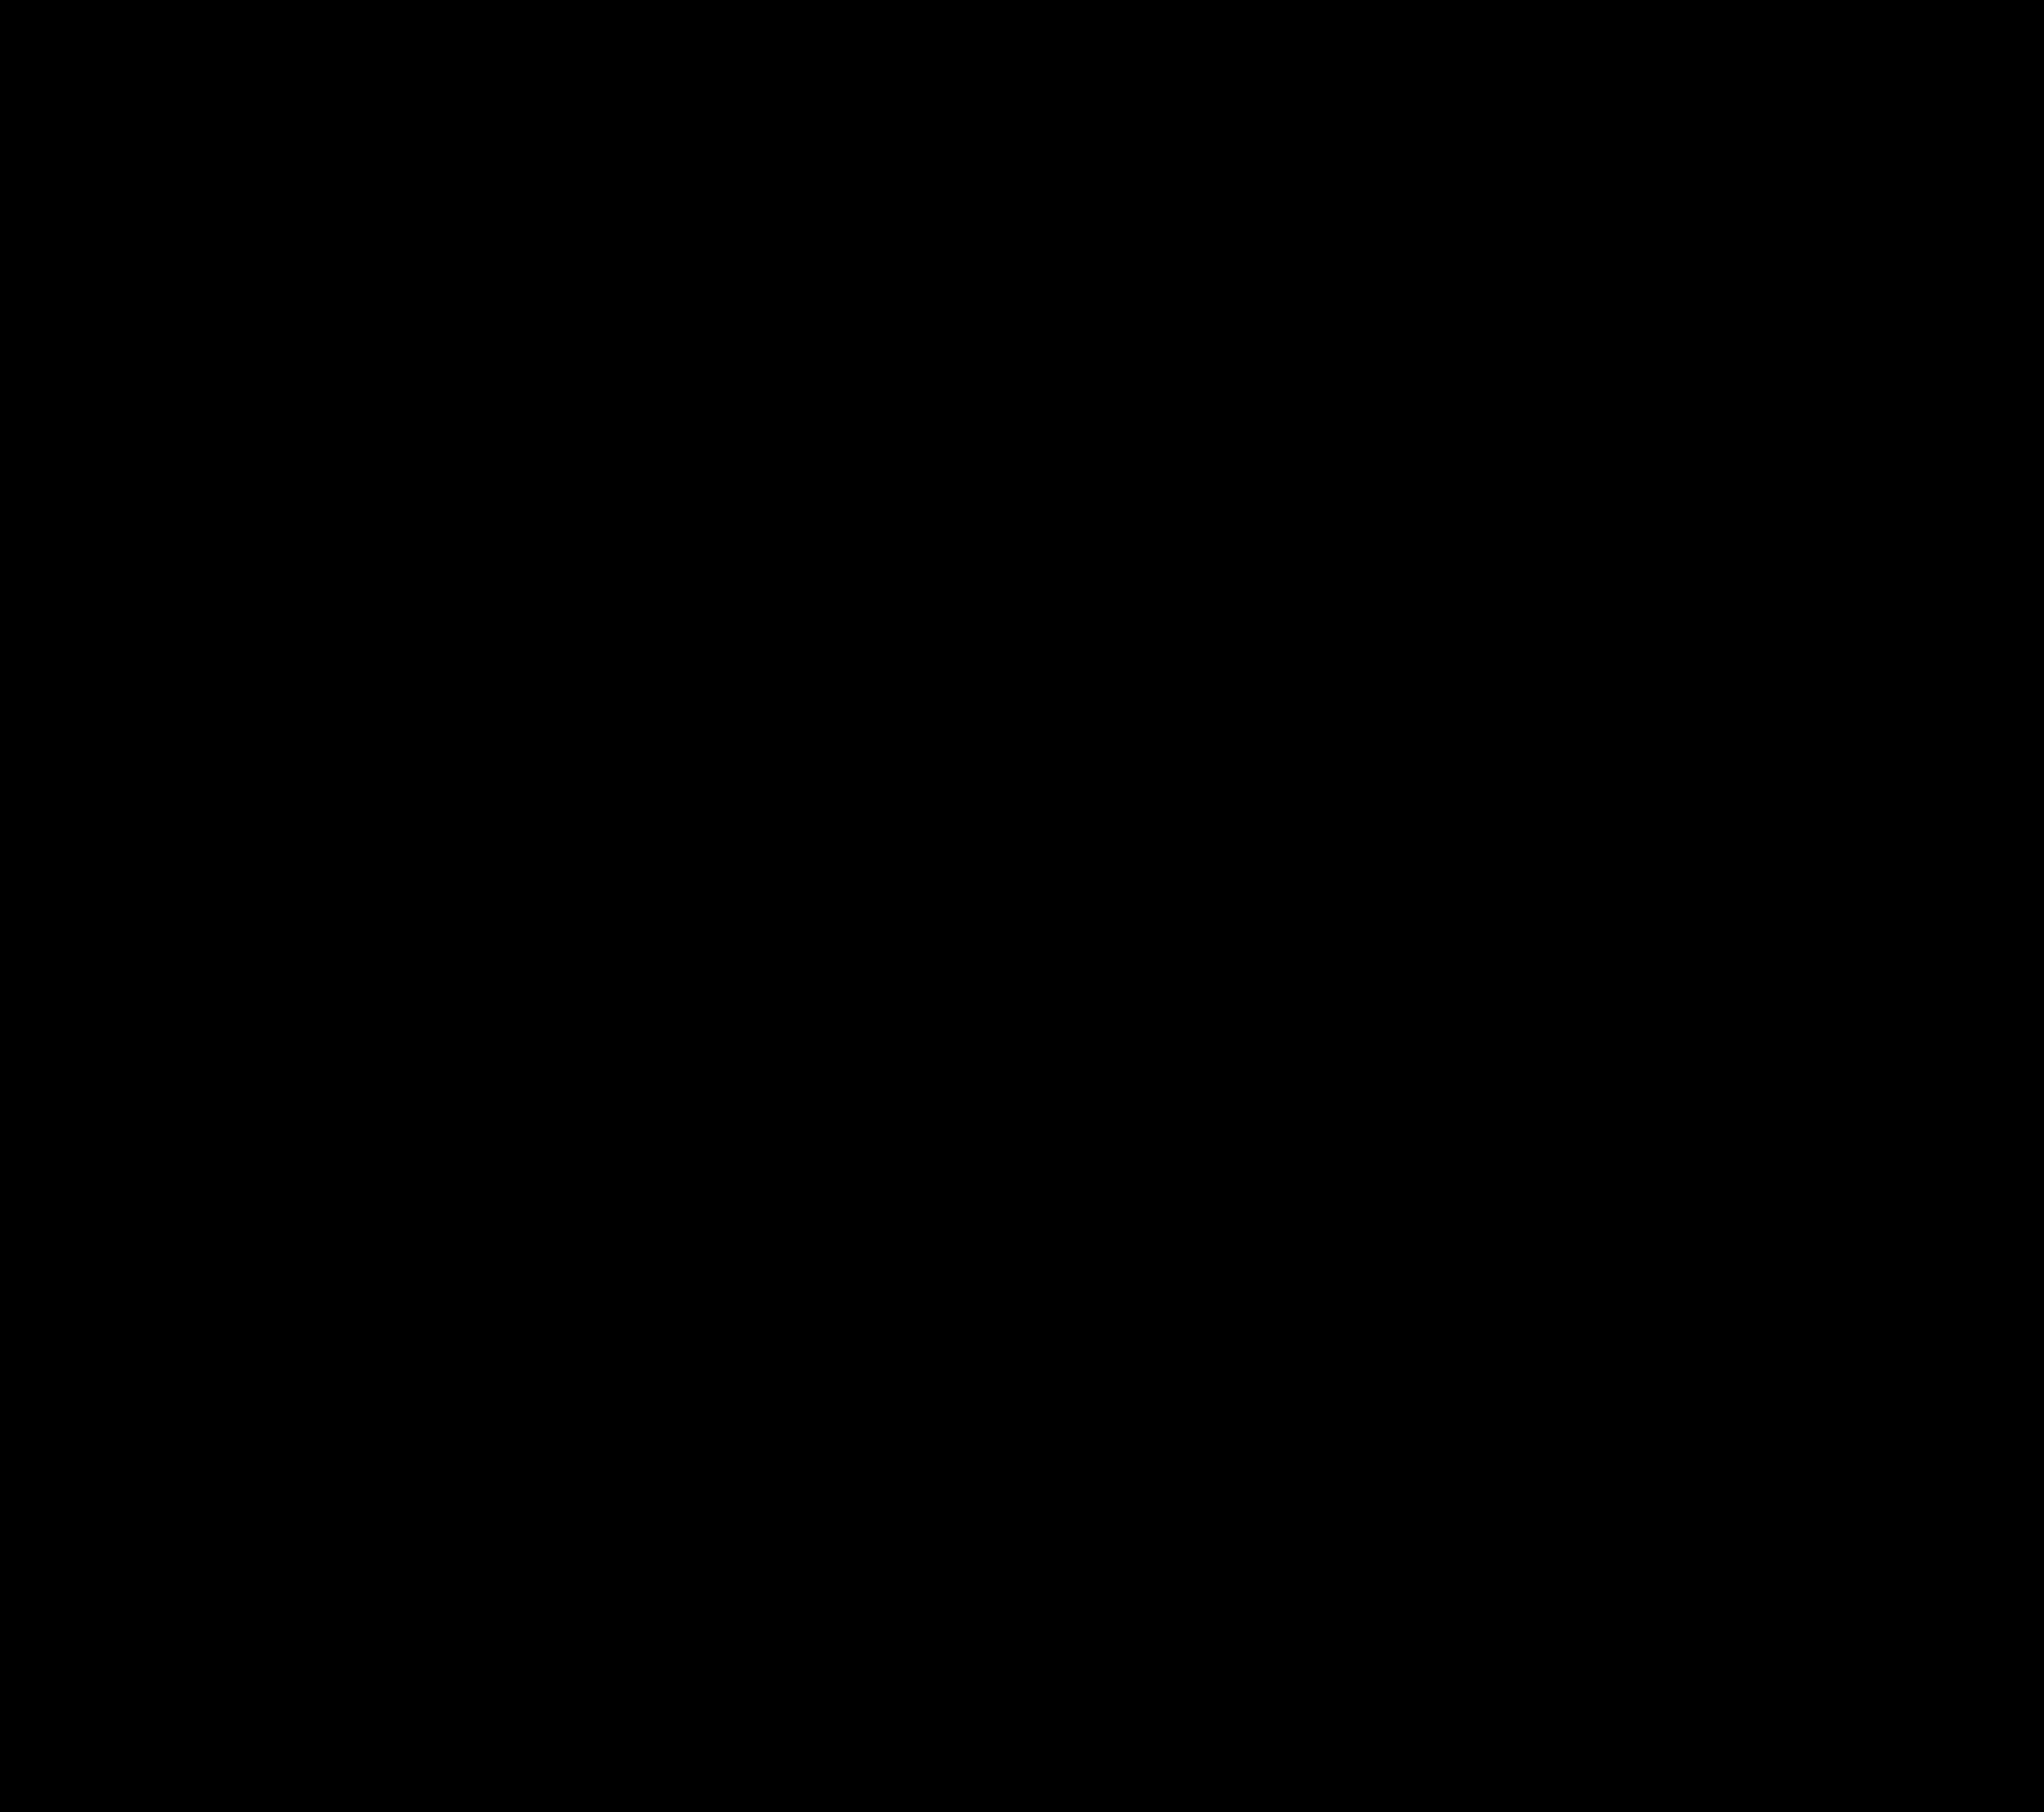 Clipart - Skull frame